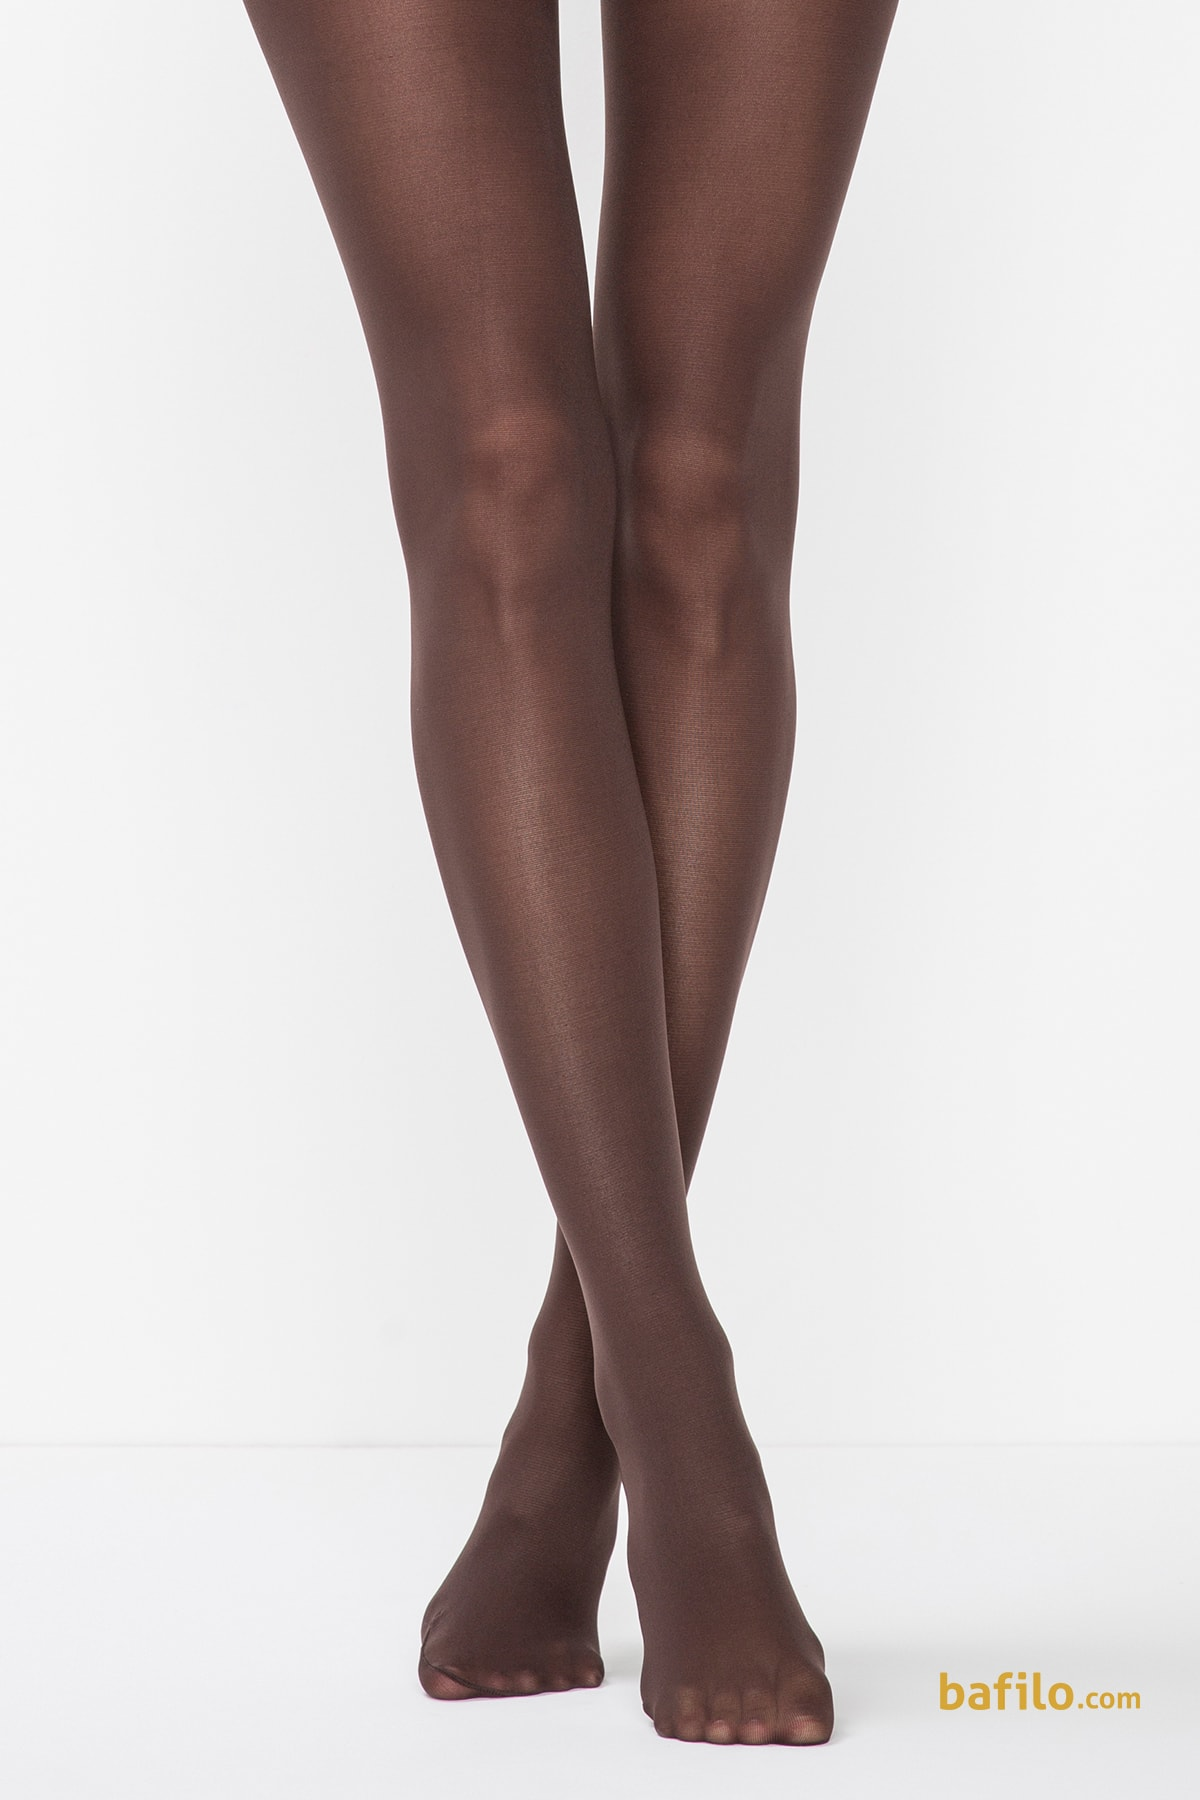 پنتی | Penti - جوراب شلواری زنانه پنتی Mikro 40 قهوه ای سوخته